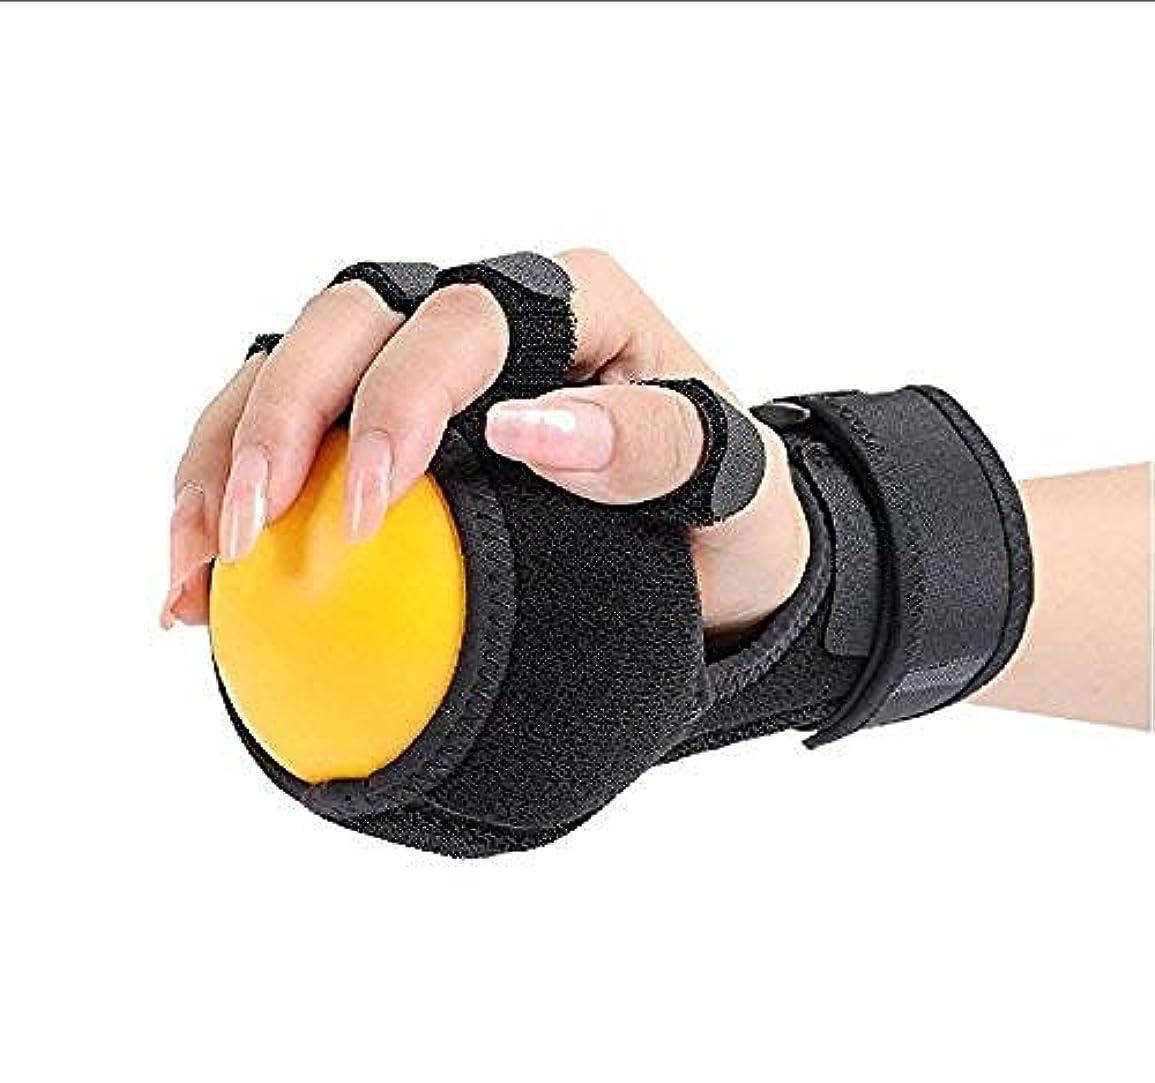 配管工桃余分な関節炎ハンドボールリハビリテーションのためのトリガー指装具親指サポートのためのトリガー指副木